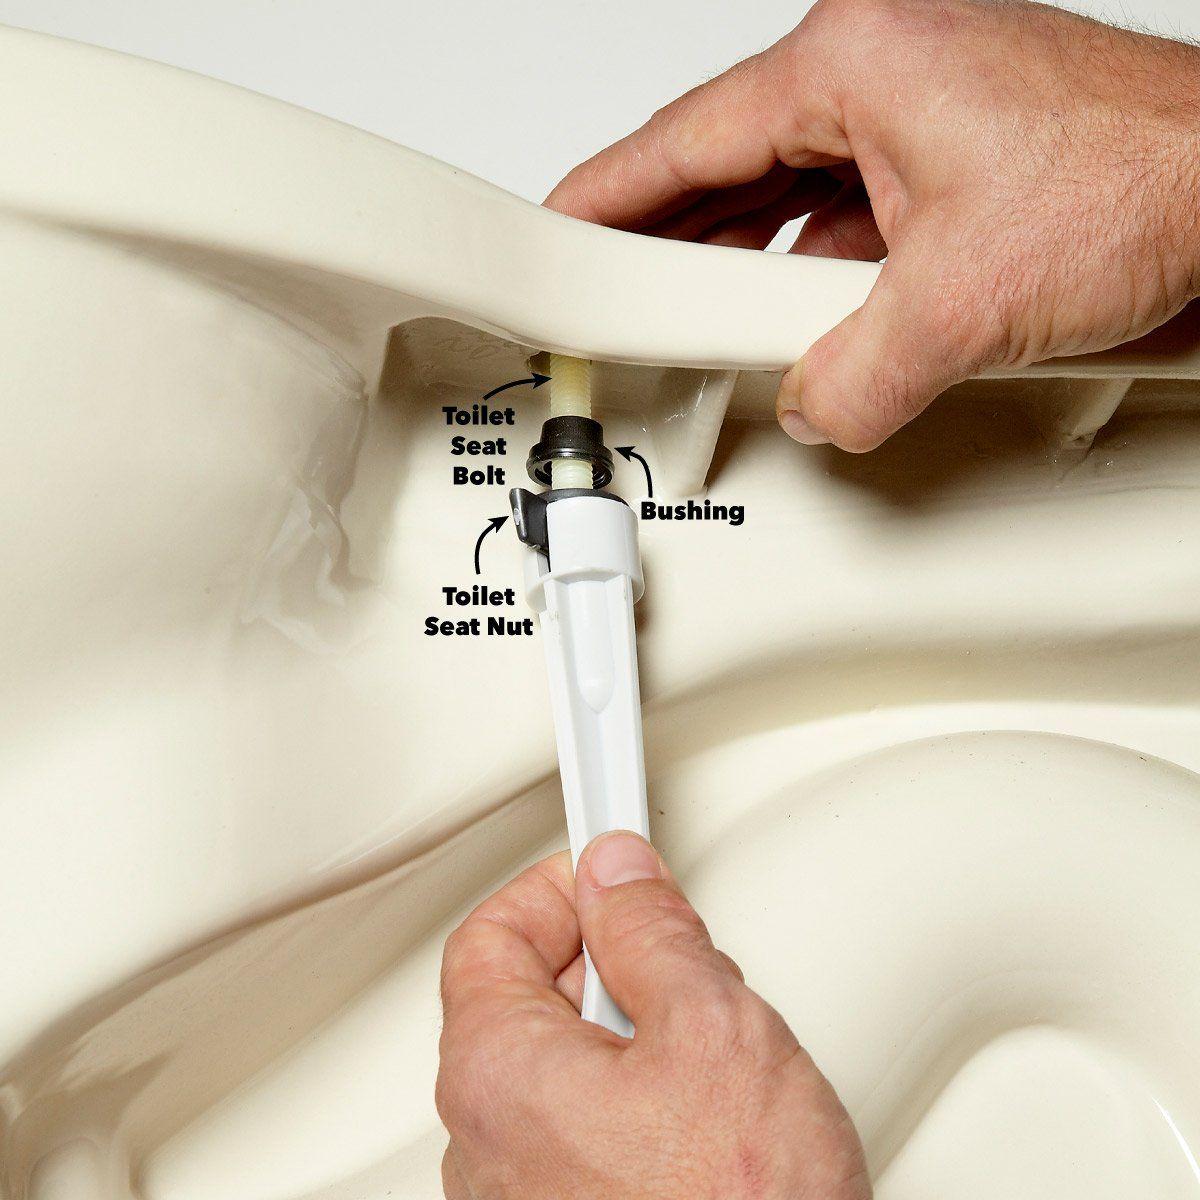 Toilet Seat Repair Keep Your Seat Tight Toilet repair